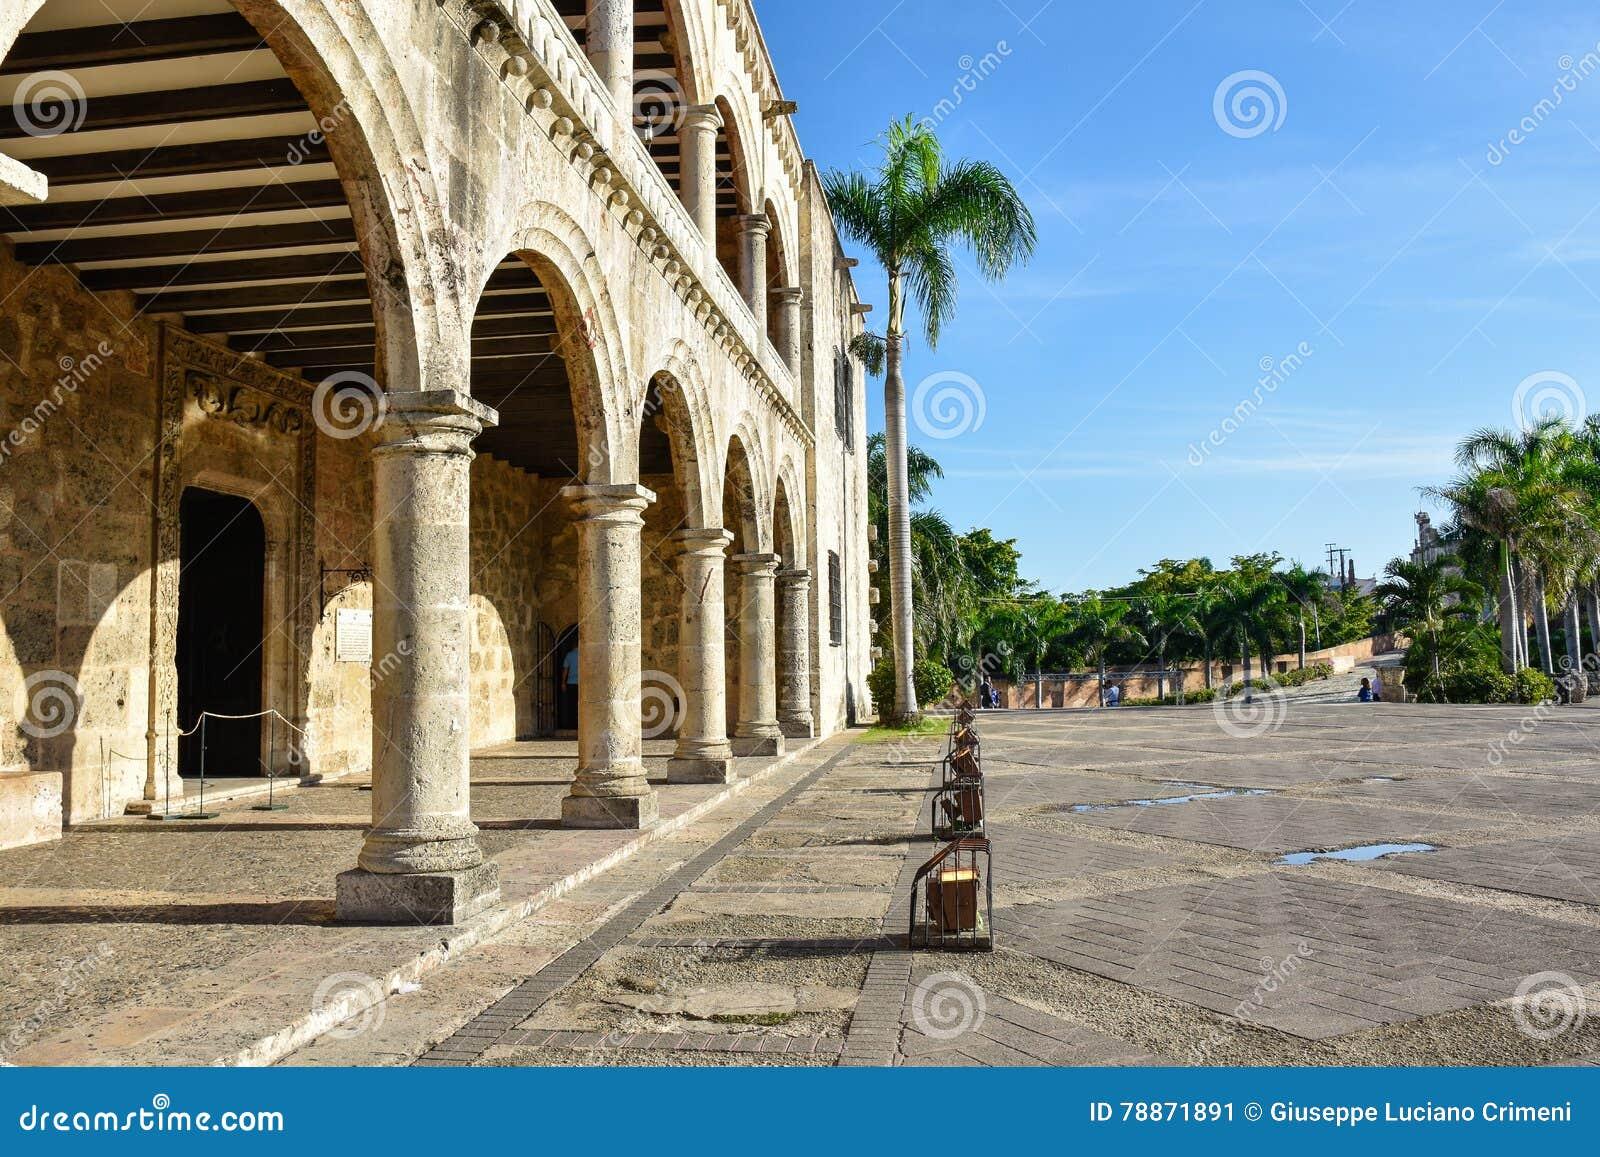 Santo Domingo, República Dominicana Alcazar de Colon (Diego Columbus House), cuadrado español